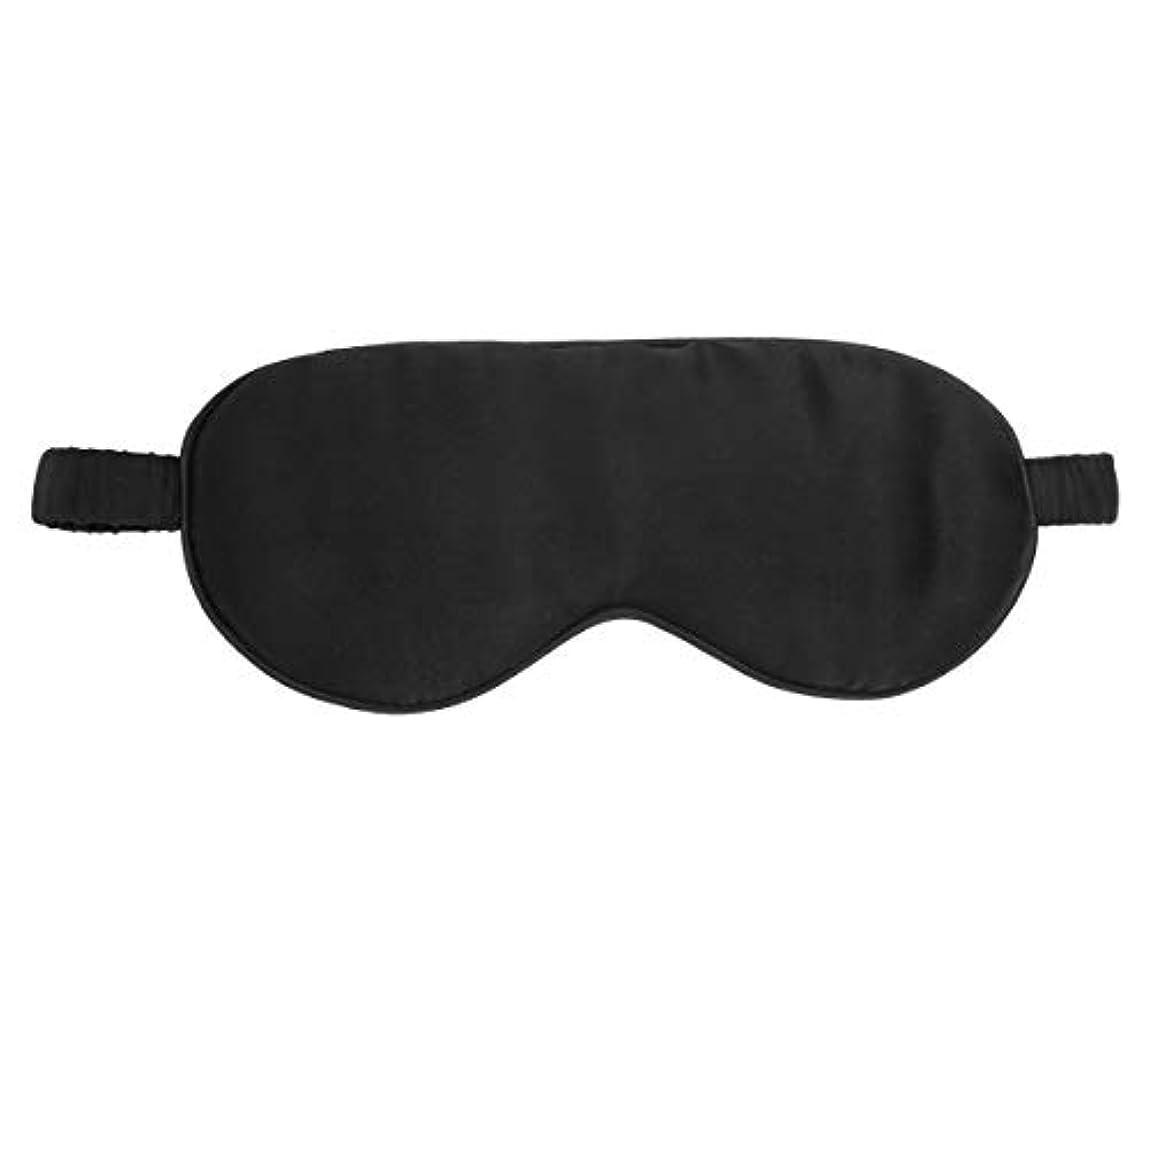 バン一元化する見通しSUPVOX アイマスク 安眠アイマスク 睡眠 遮光 マスク シルク 圧迫感なし 目に優しい 軽量 旅行 飛行機 疲労回復 男女兼用